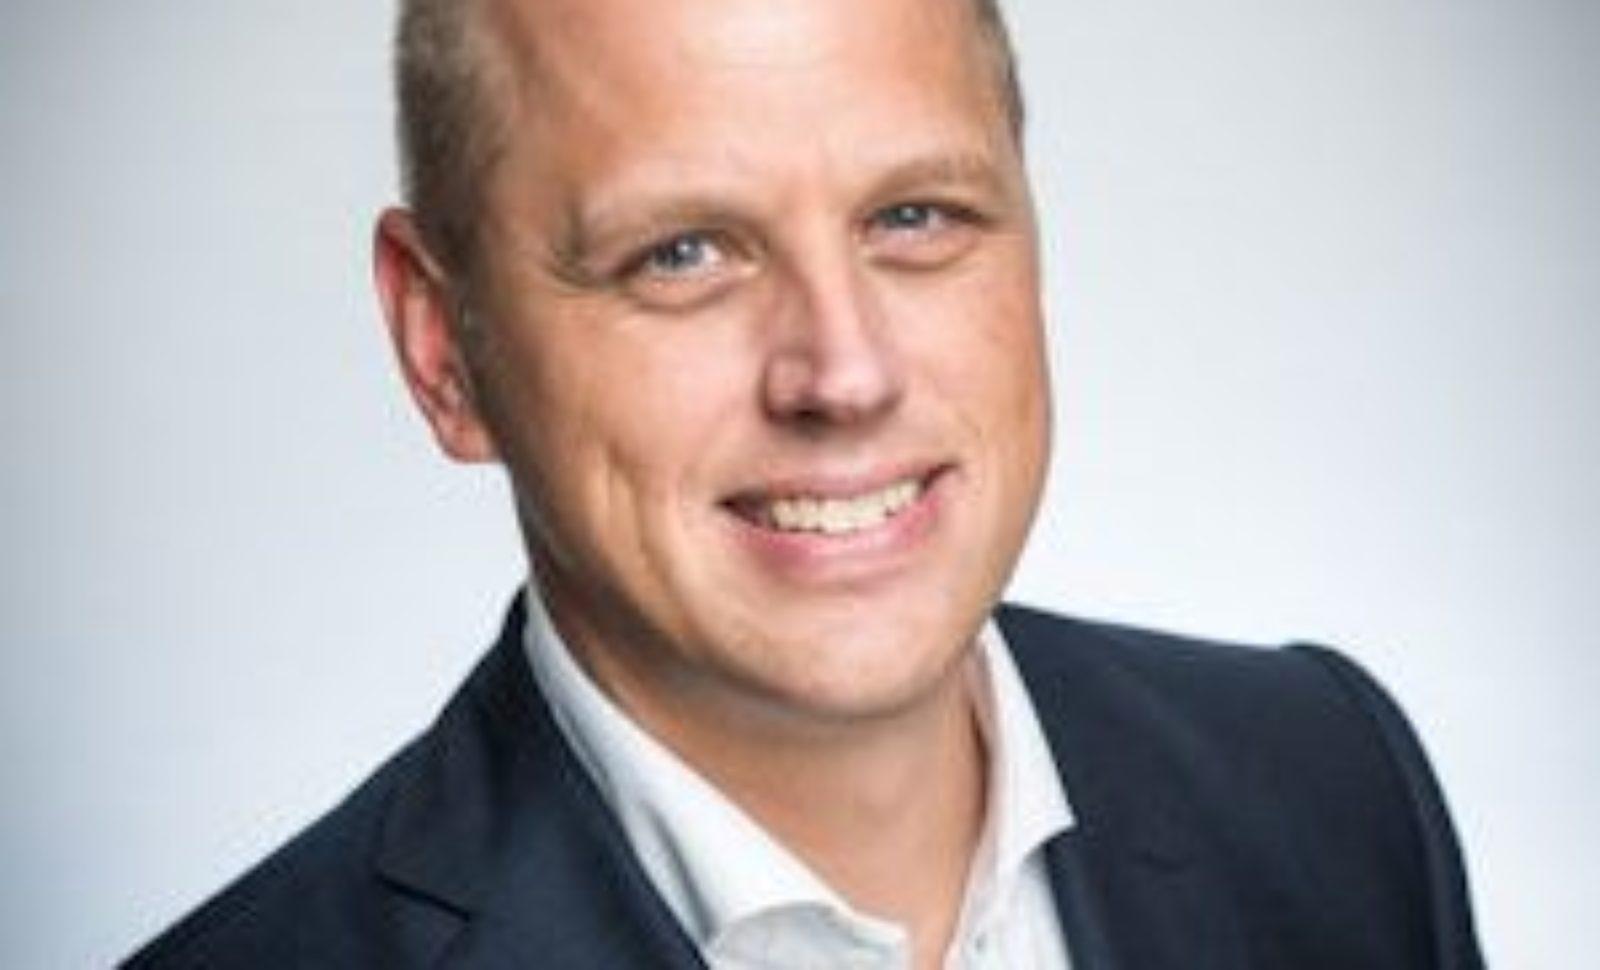 Thomas Grunau neuer CEO bei Saloodo!